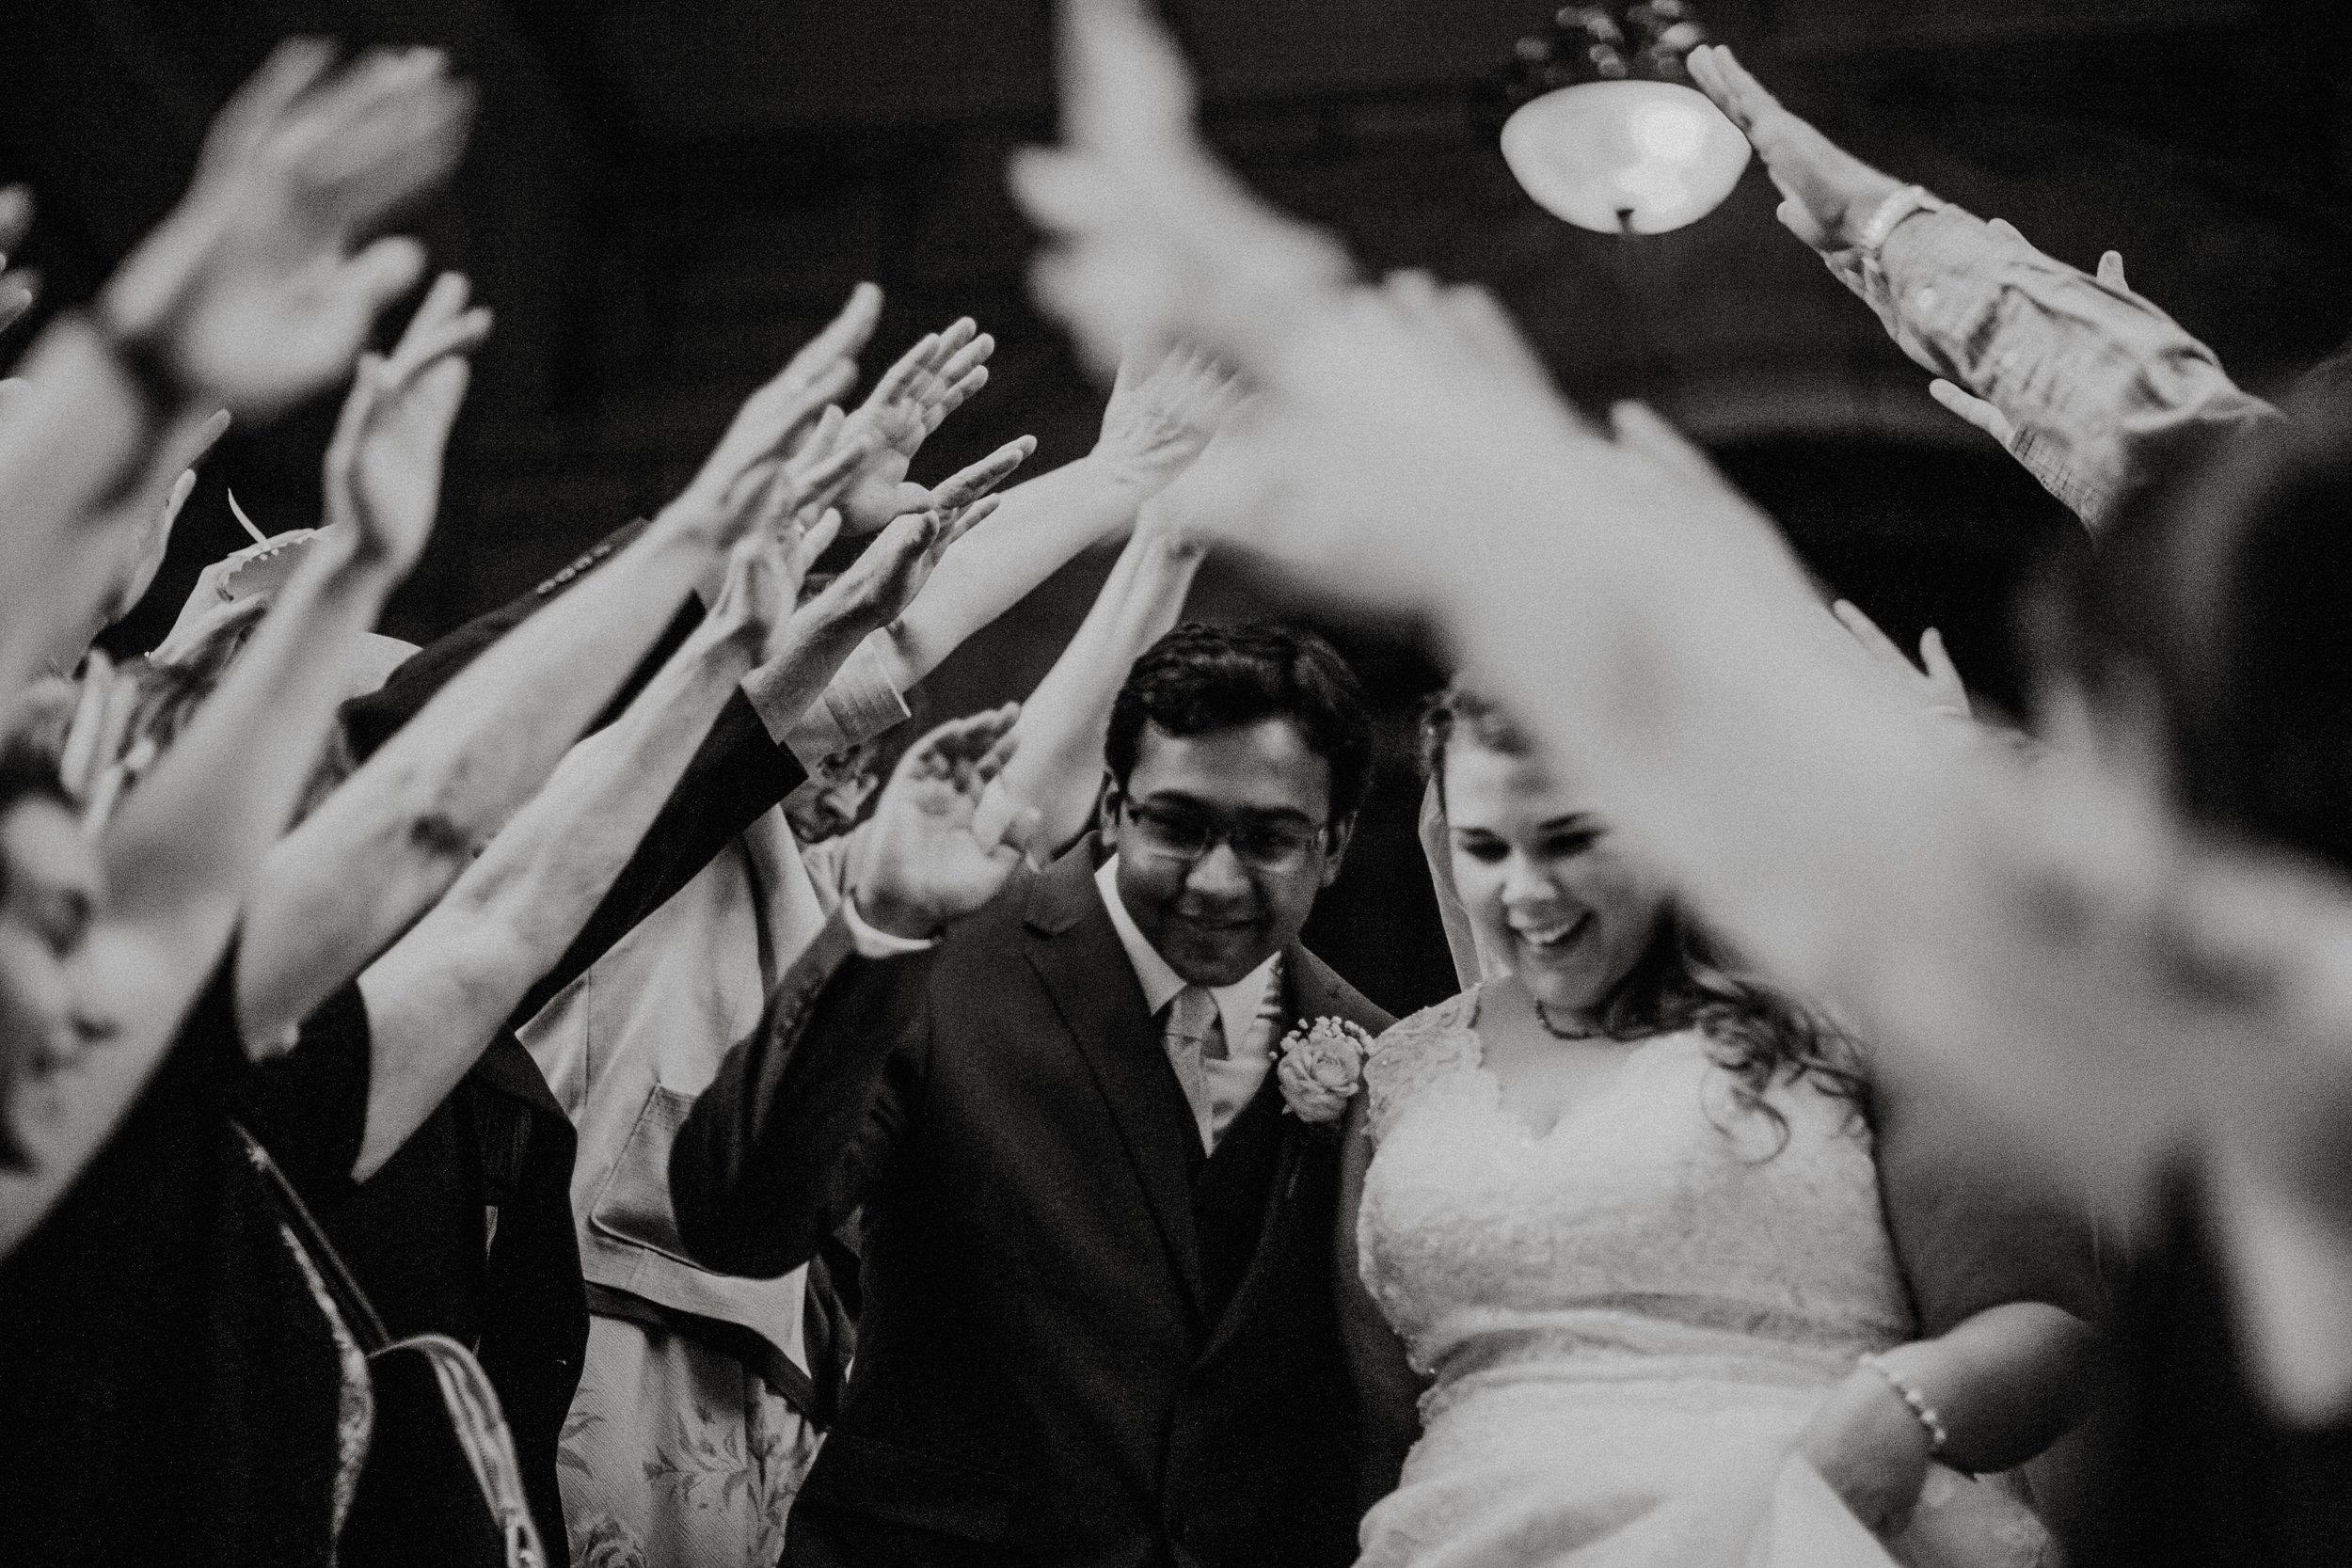 WonderlyCreative_Wedding_5.12.18_Megan&Swapnil_-999aaa.jpg